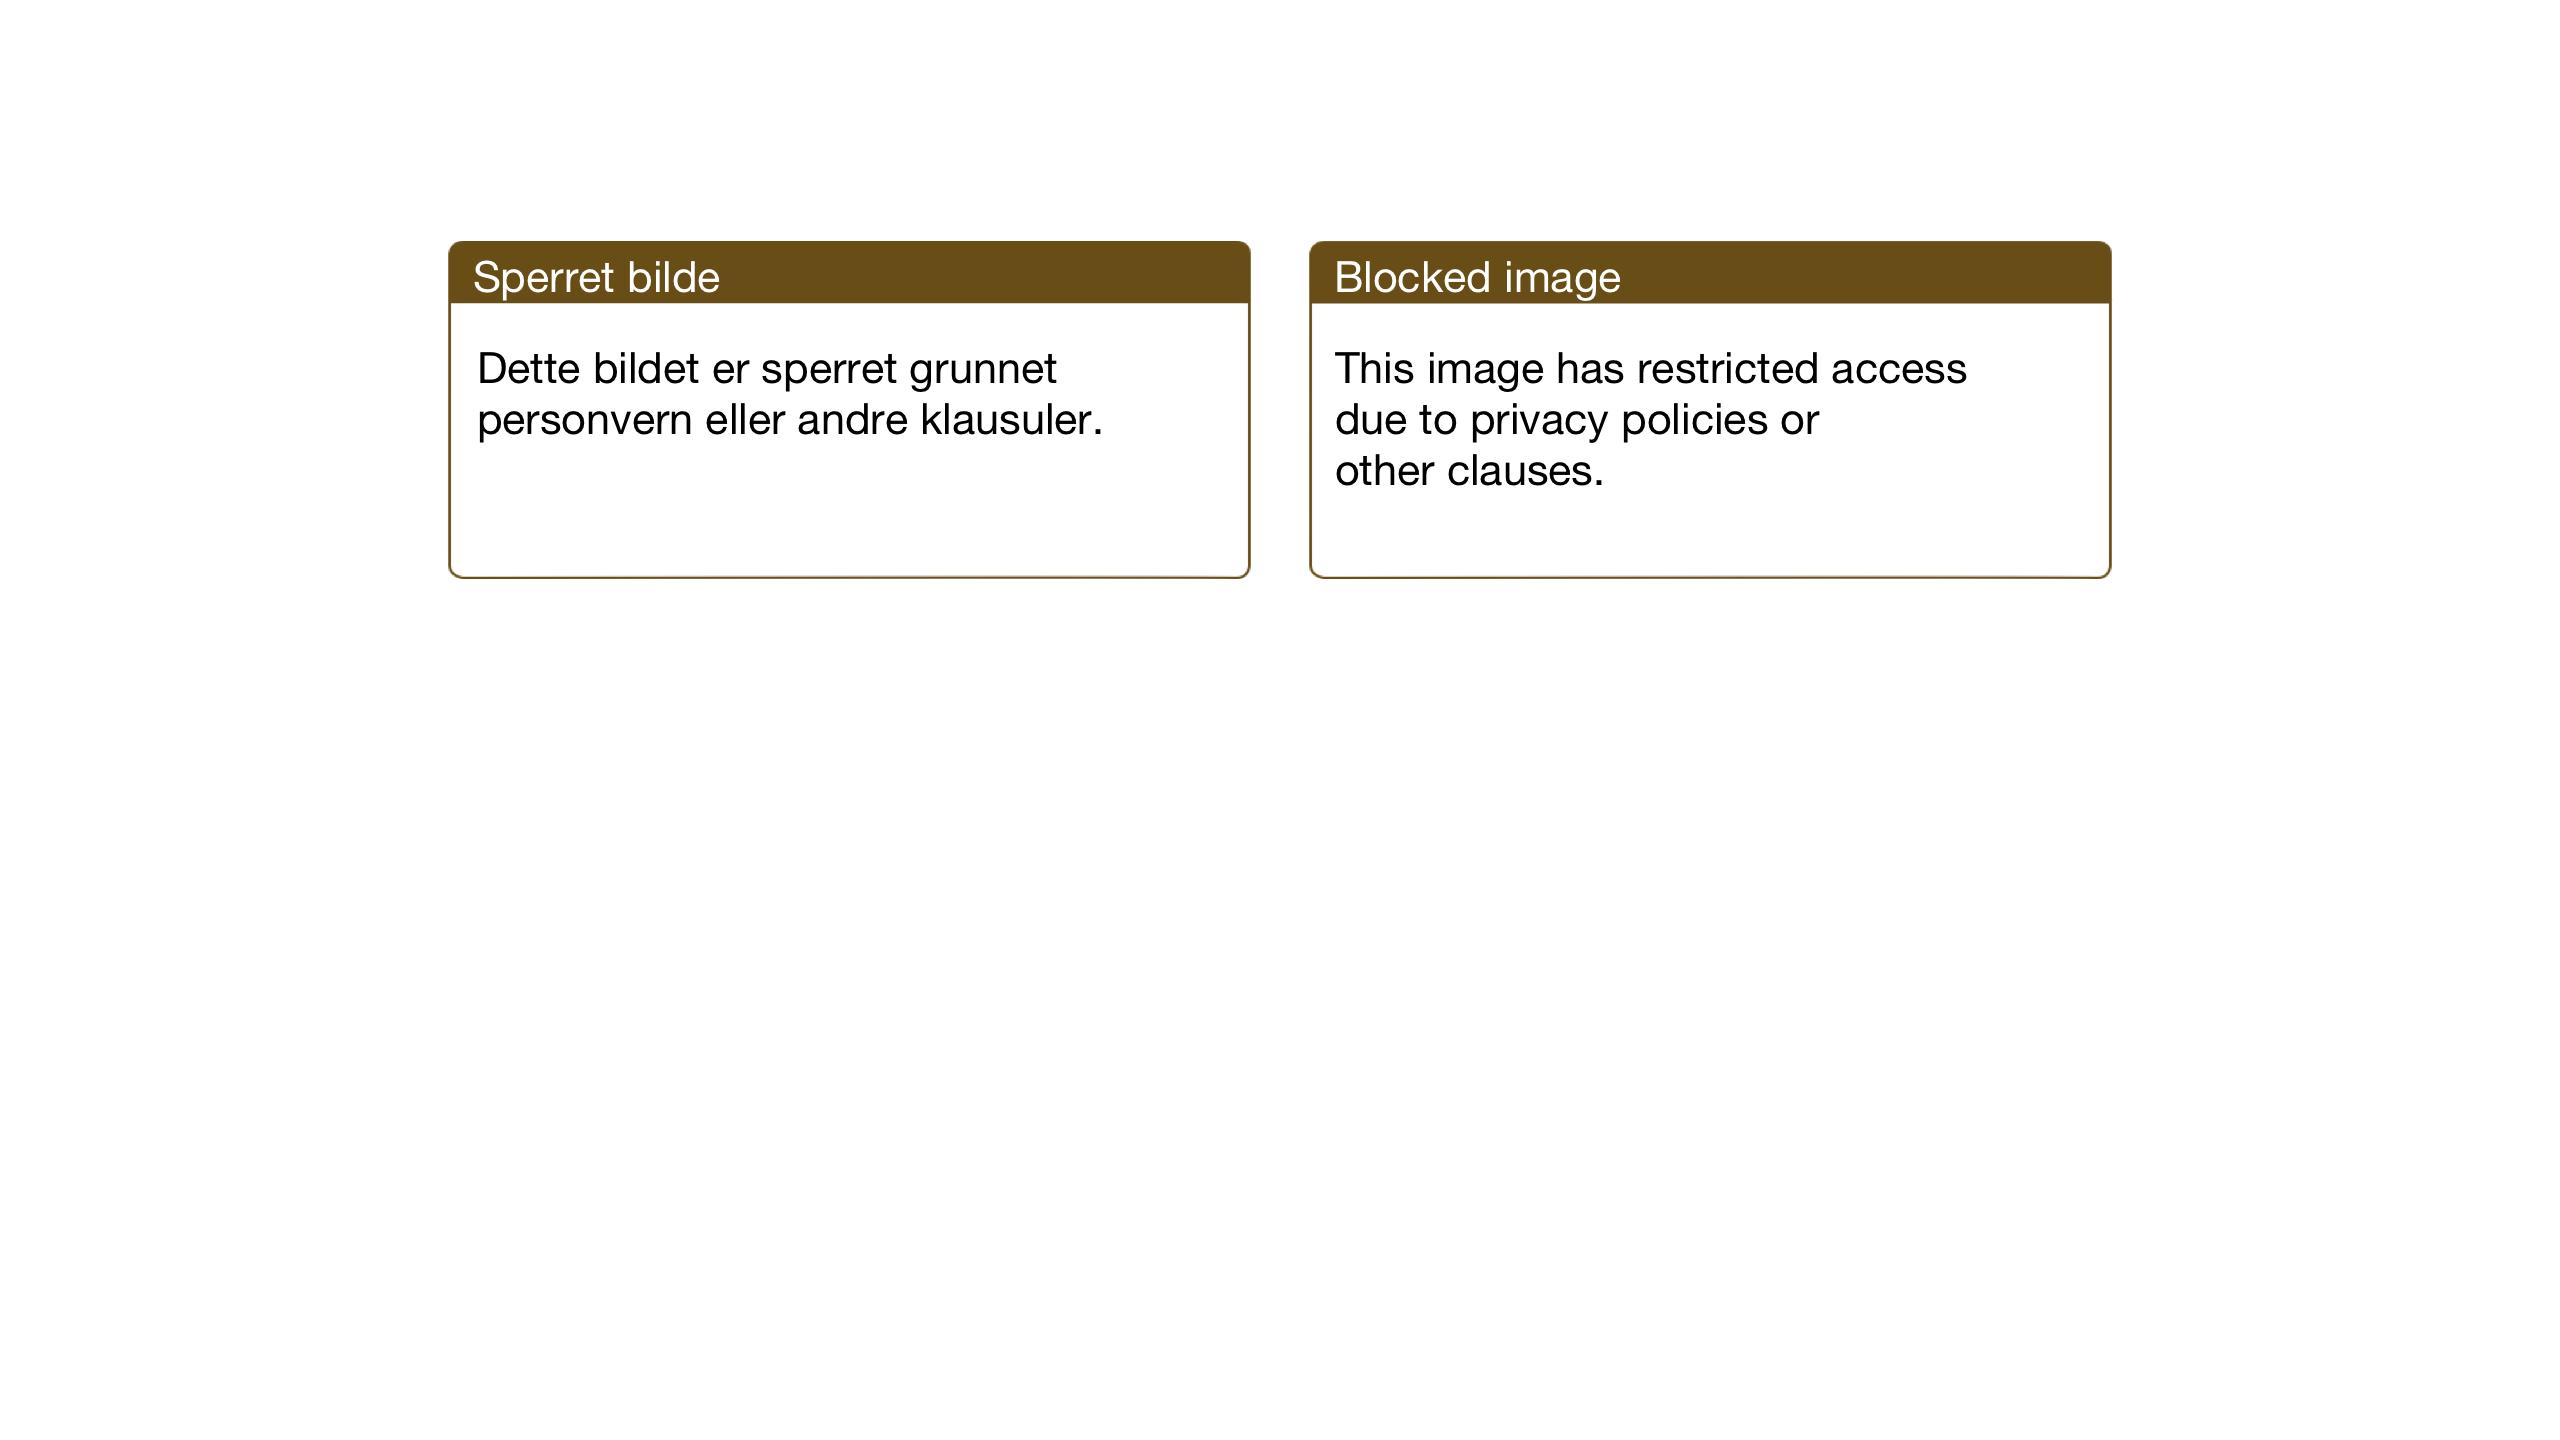 SAT, Ministerialprotokoller, klokkerbøker og fødselsregistre - Sør-Trøndelag, 681/L0944: Klokkerbok nr. 681C08, 1926-1954, s. 82